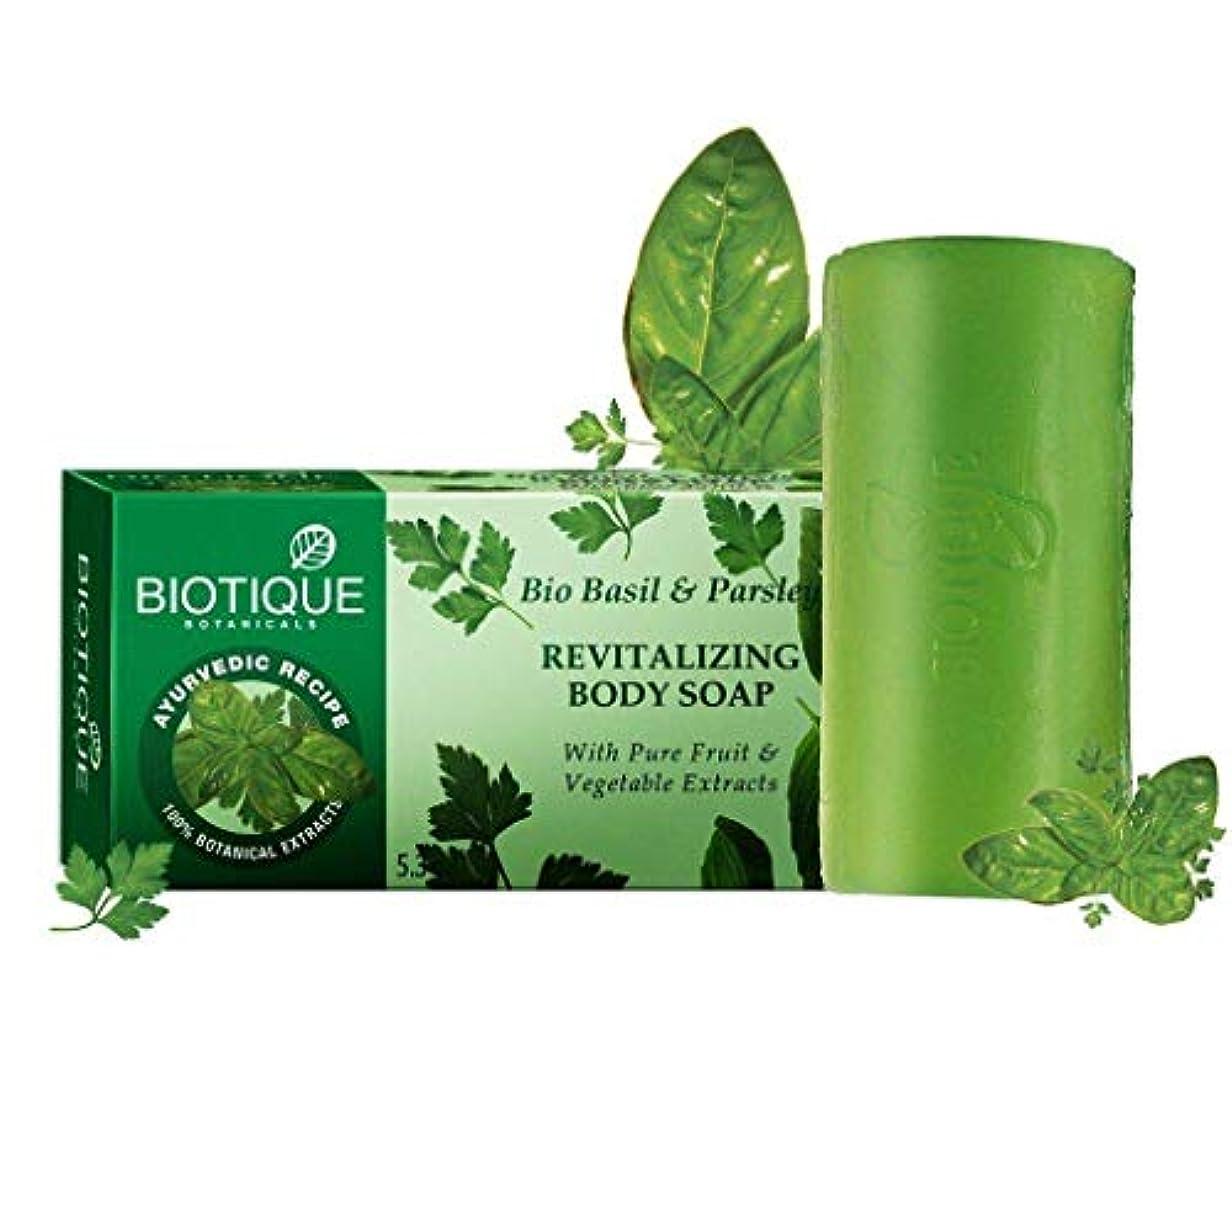 極めて靄フルーツ野菜Biotique Bio Basil And Parsley Revitalizing Body Soap 150g (Pack of 2) Biotiqueバイオバジルとパセリの活性化ボディソープ